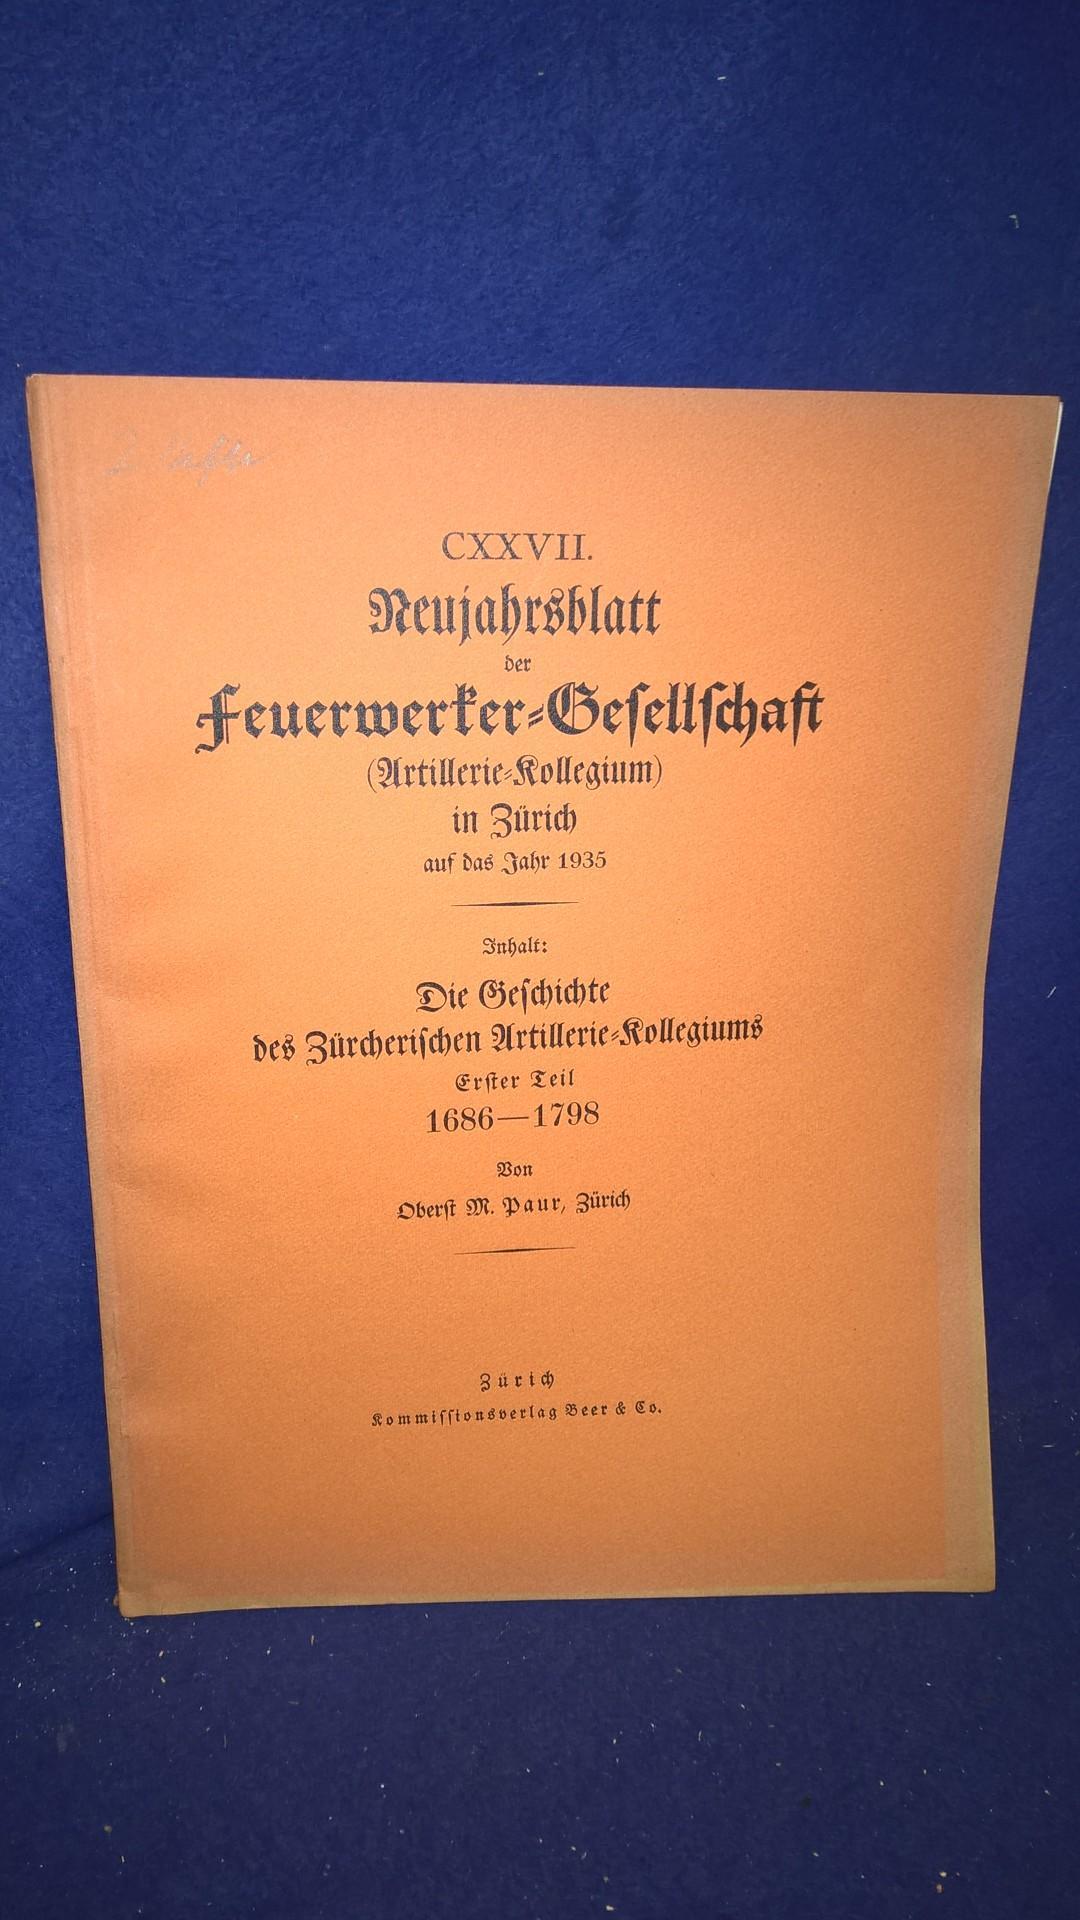 Die Geschichte des Zürcherischen Artillerie-Kollegiums. Teil 1: 1686-1789. Aus der Reihe: Neujahrsblatt der Feuerwerker-Gesellschaft ( Artillerie-Kollegium ) in Zürich auf das Jahr 1935.